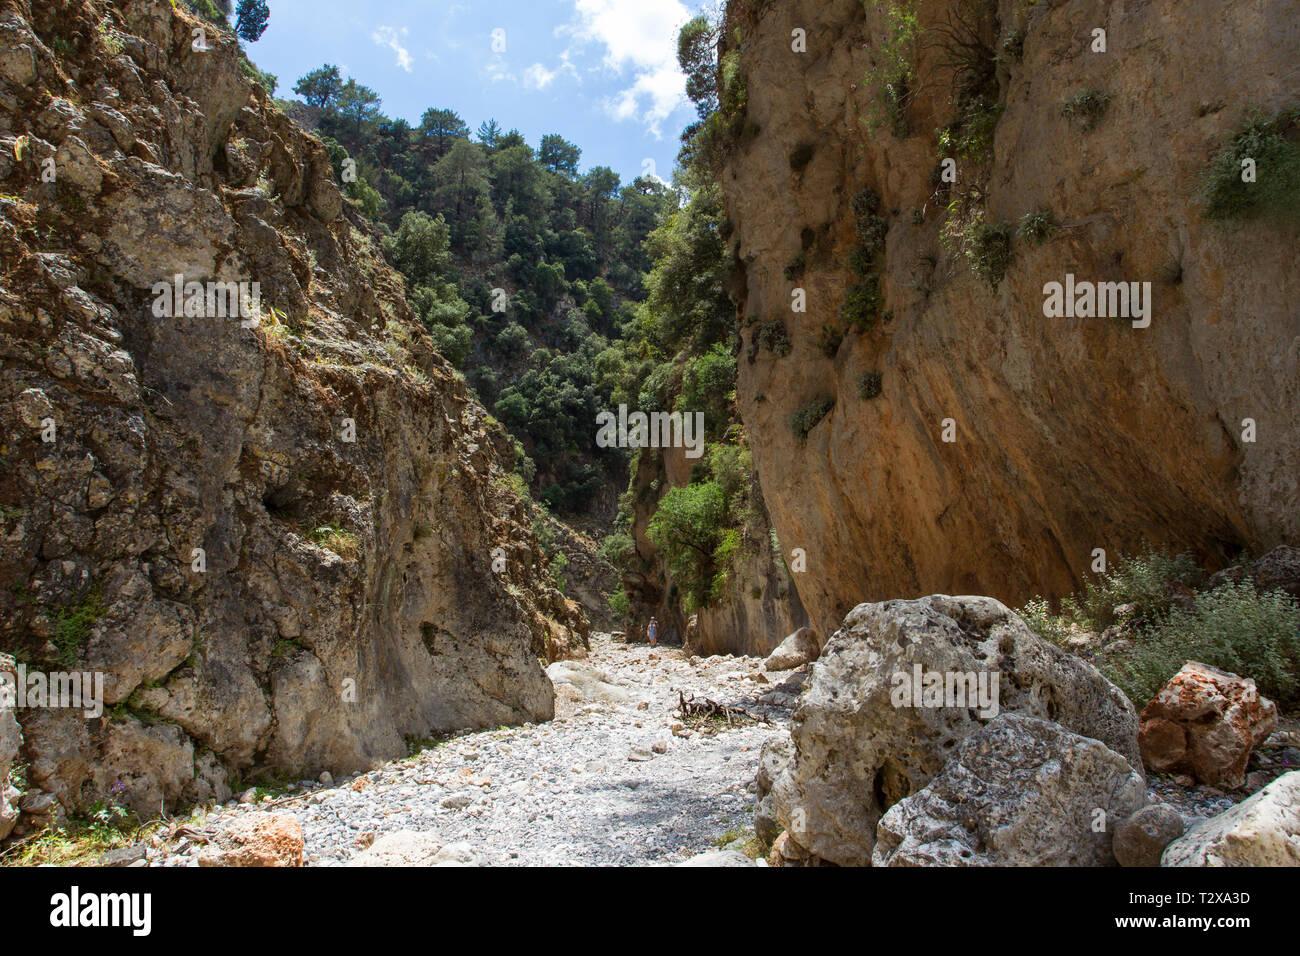 Schlucht bei Agios Nikolaos, gorge near Agios Nikolaos Stock Photo